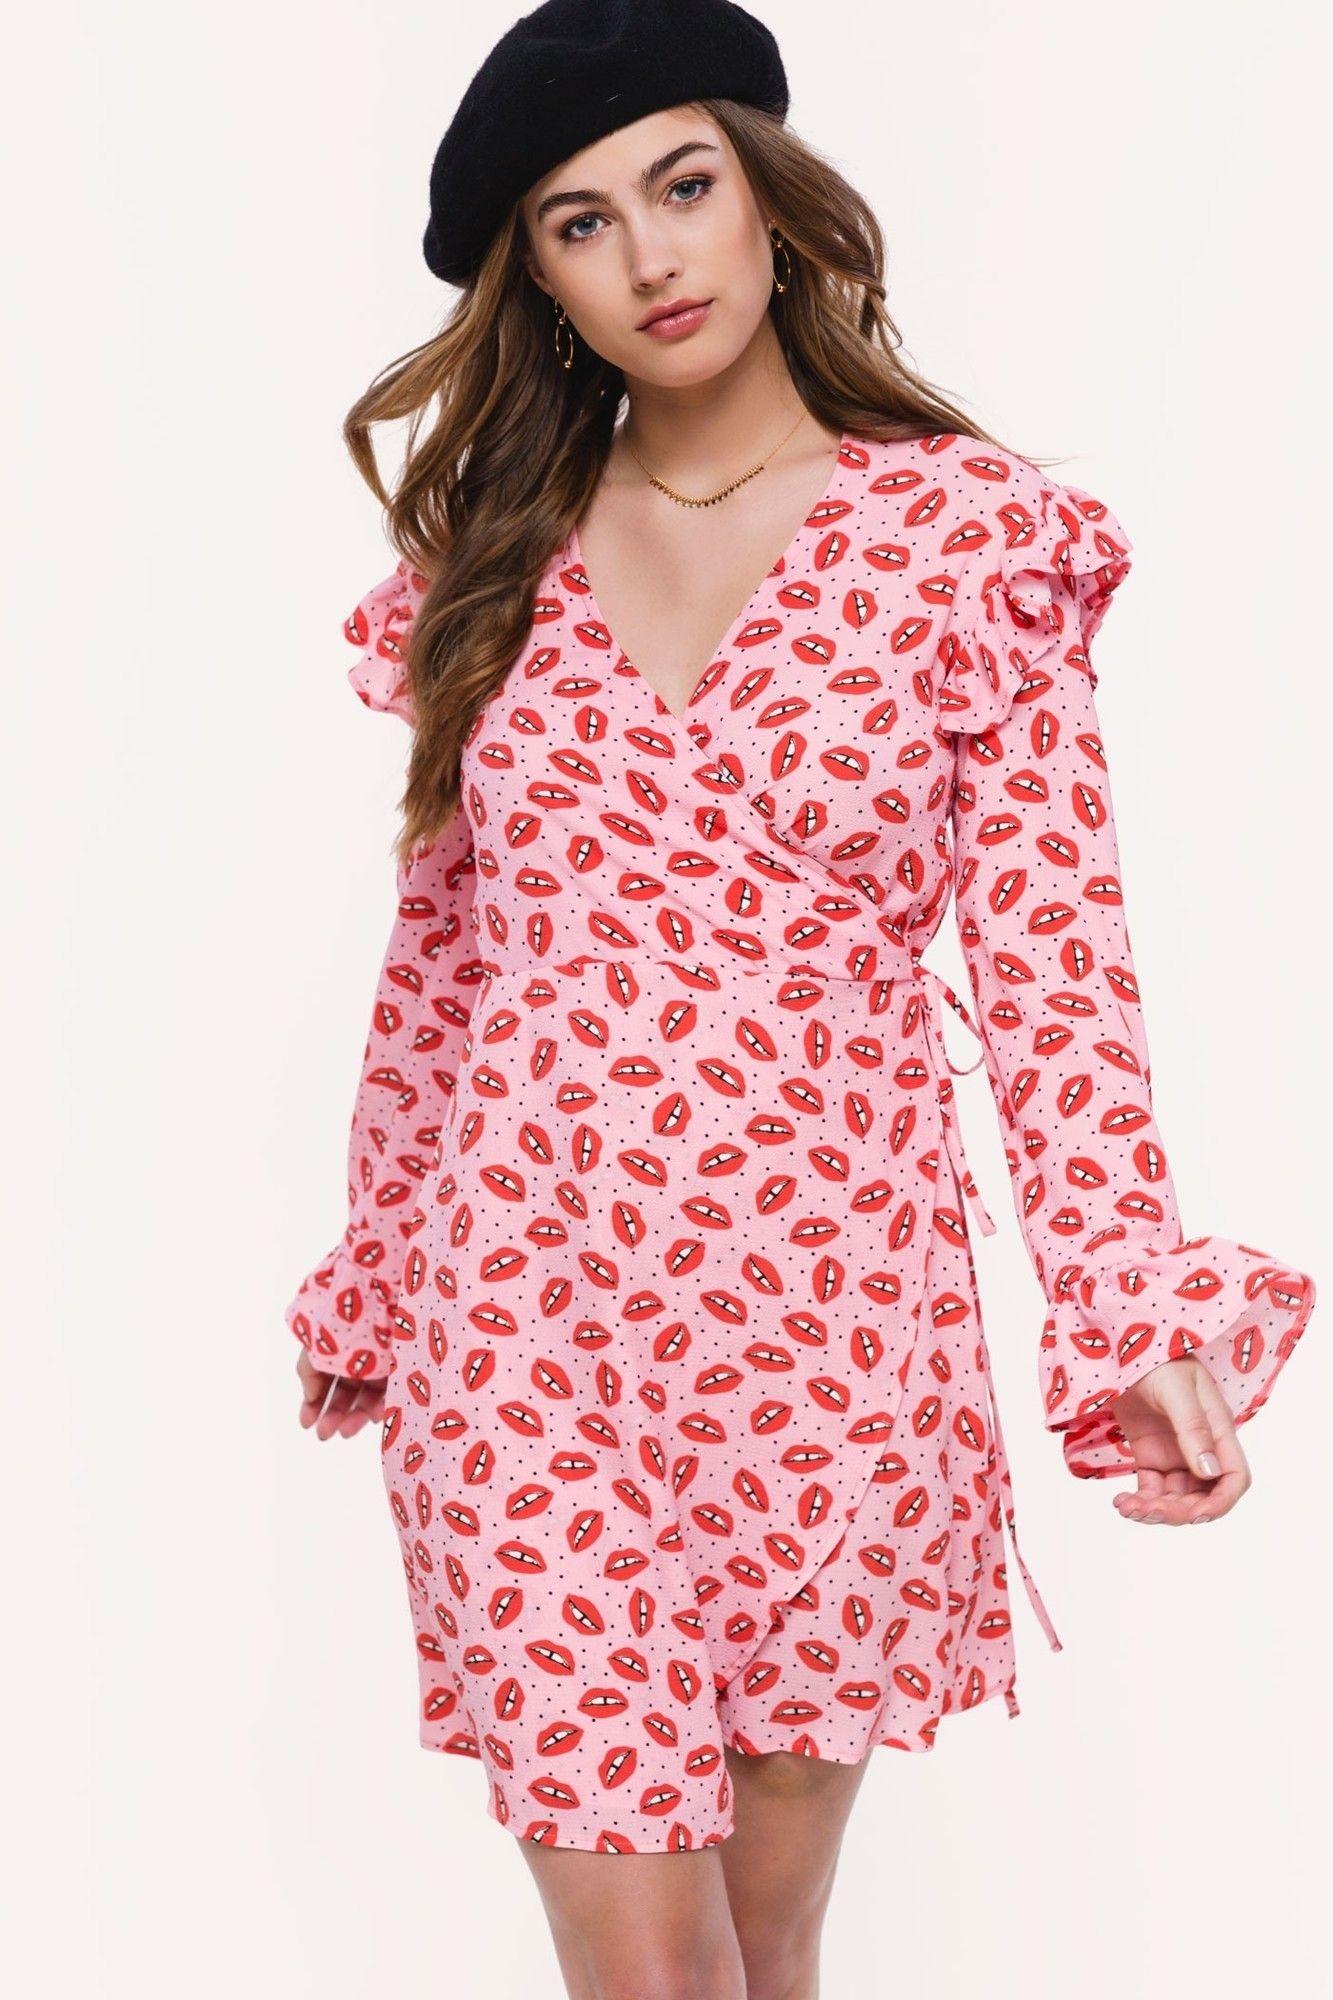 795ff29f Loavies lippen ruffle jurk | Fashion Webshop LOAVIES | Jurkjes ...